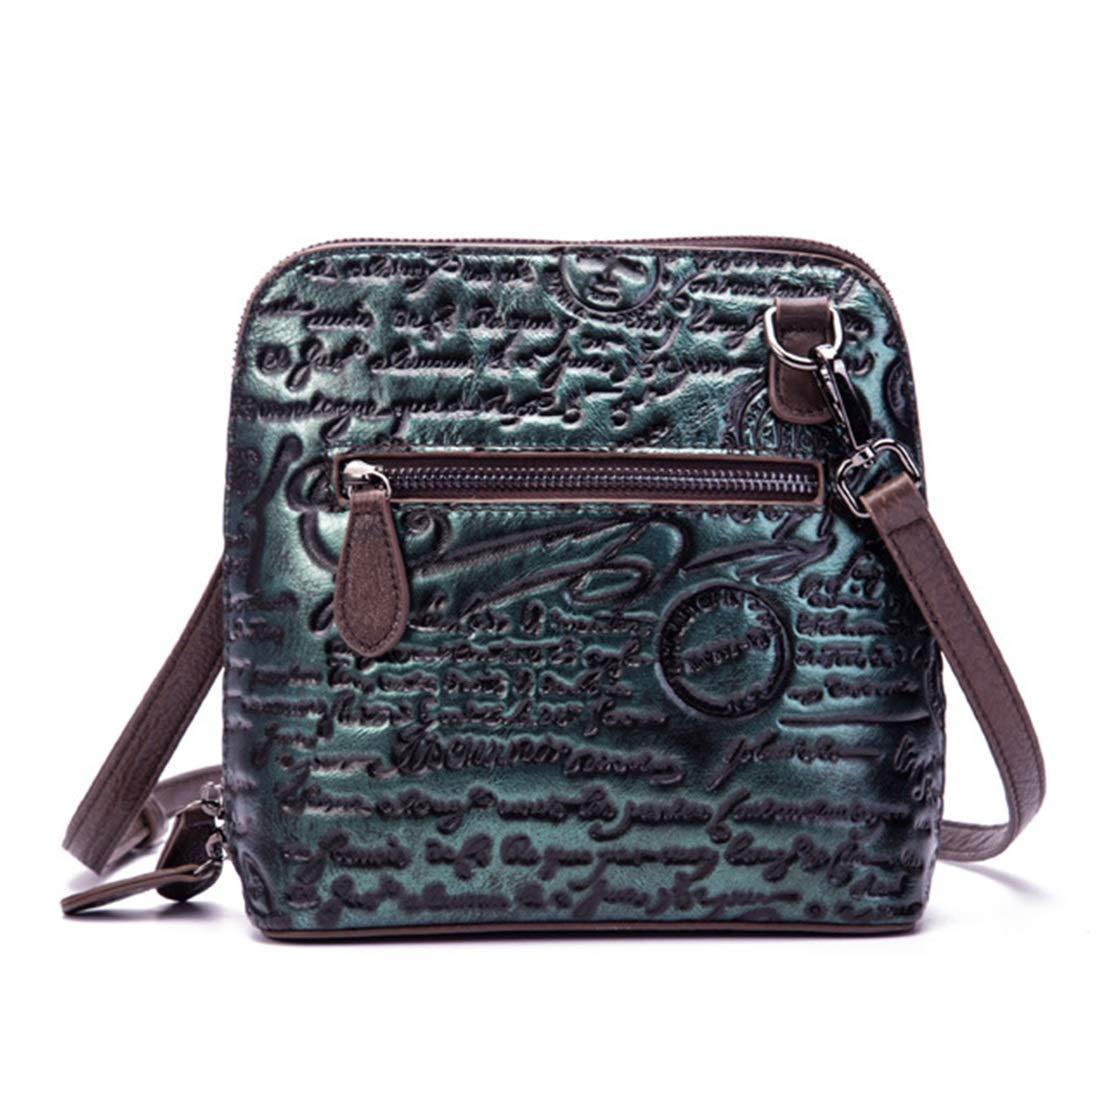 Klerokoh Vintage Echtleder Echtleder Echtleder Crossbody Tasche Geldbeutel Schulranzen Handtasche für Damen (Farbe   Grün) B07PCHL7WL Umhngetaschen Einfacher Stil 24d4e5